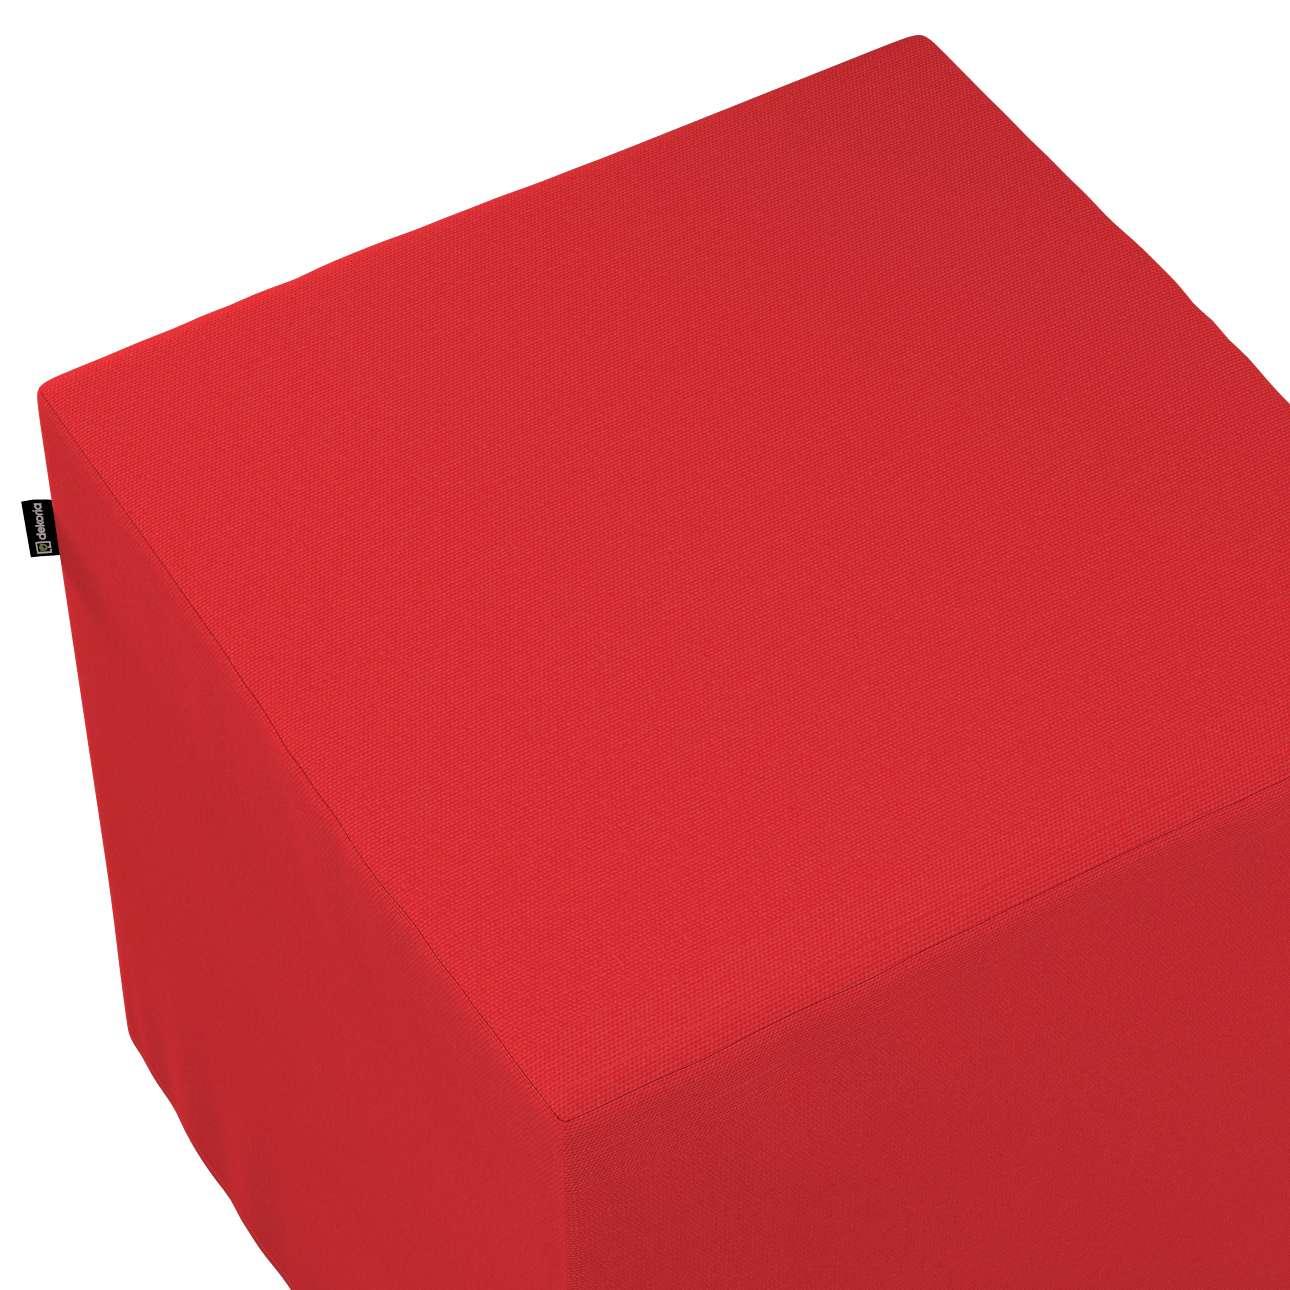 Taburetka tvrdá, kocka V kolekcii Loneta, tkanina: 133-43